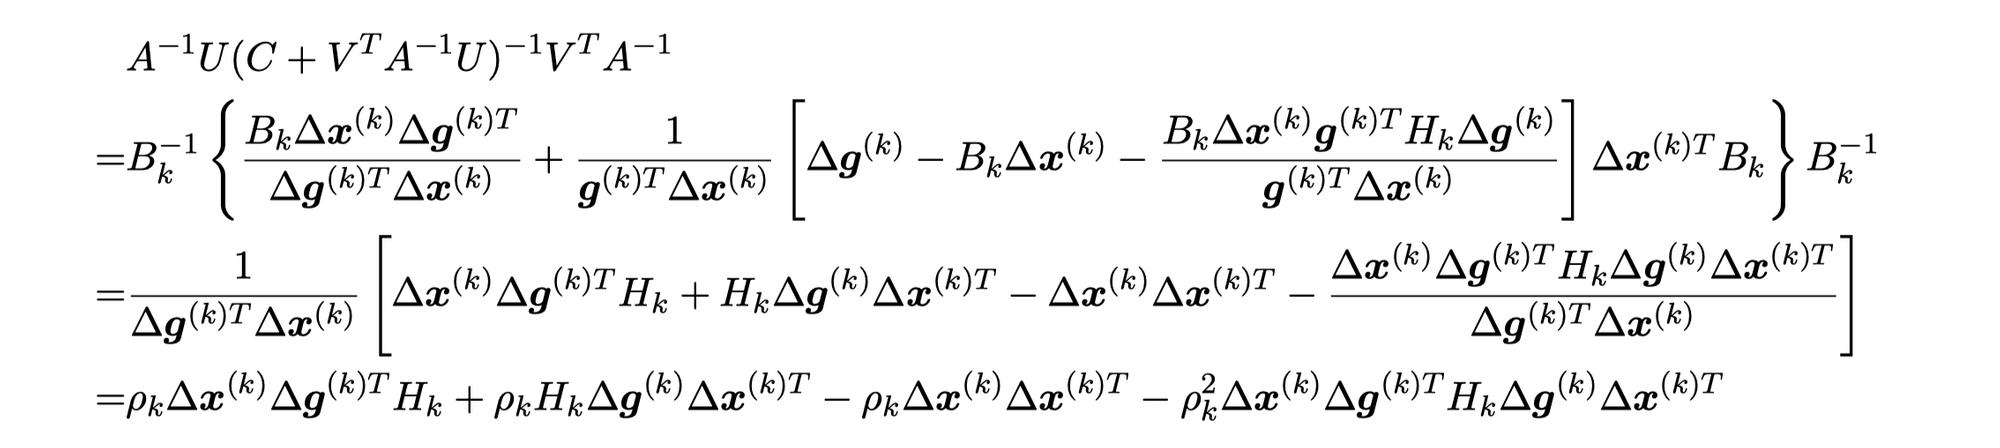 输入复杂的公式